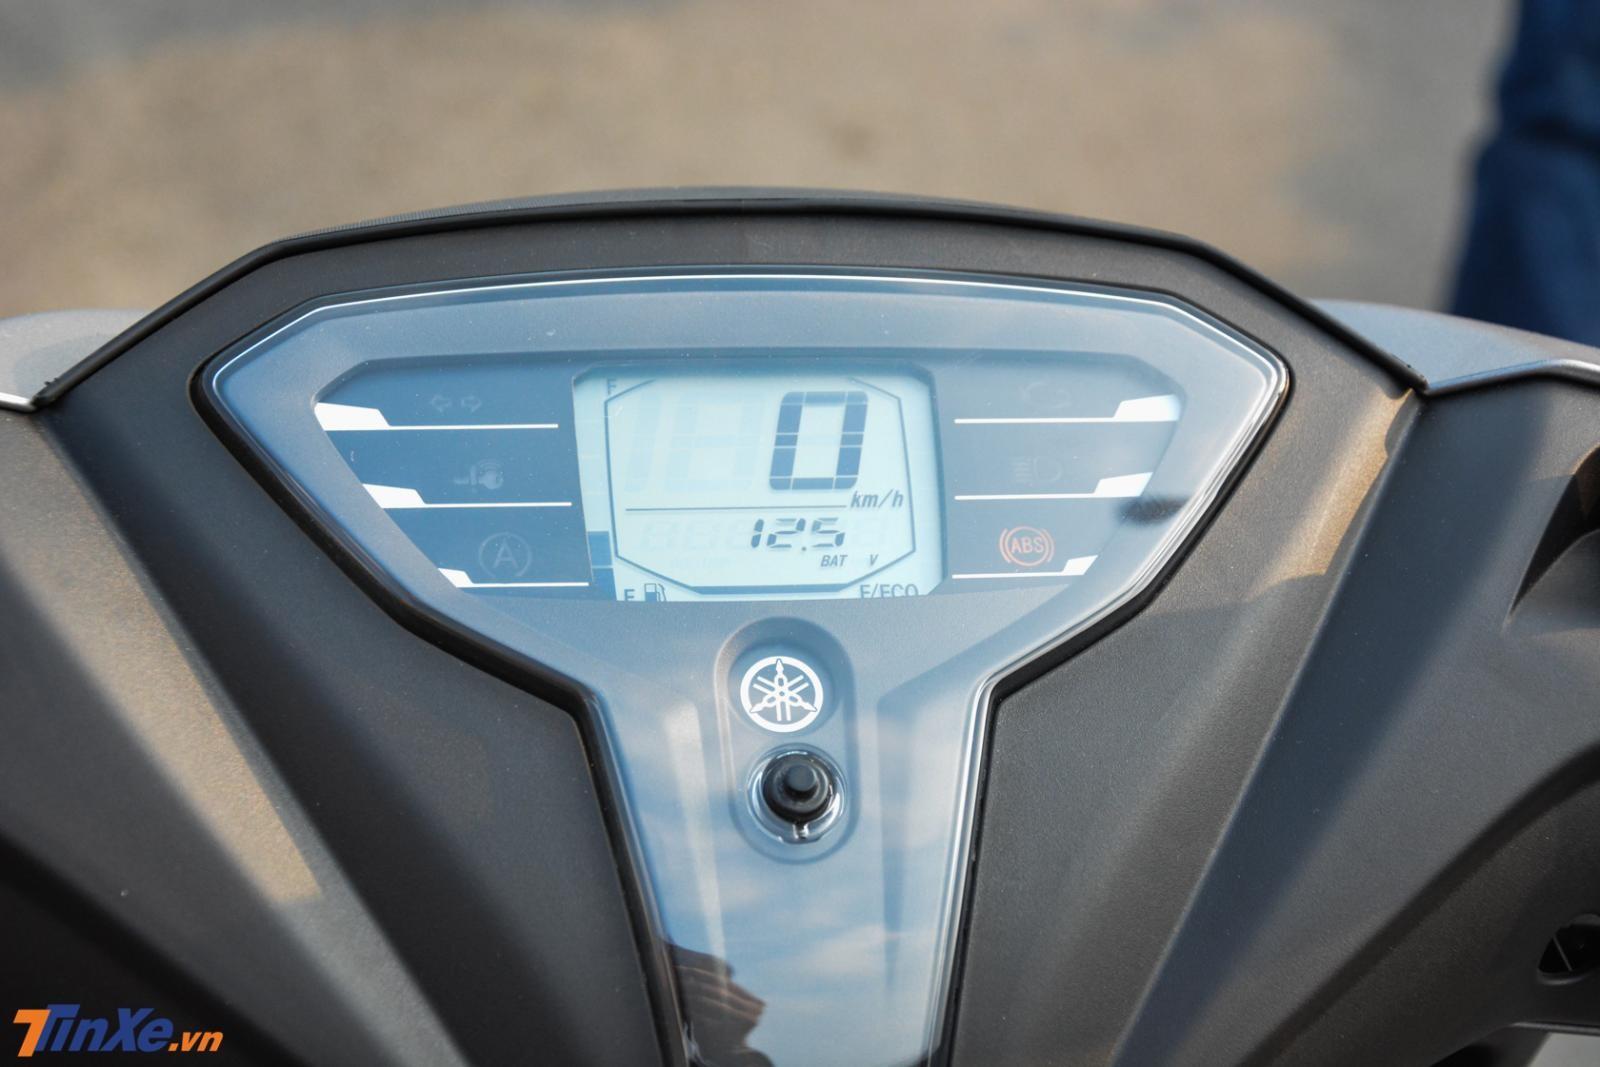 Mặt đồng hồ thể thao LCD trên Yamaha FreeGo bản đặc biệt